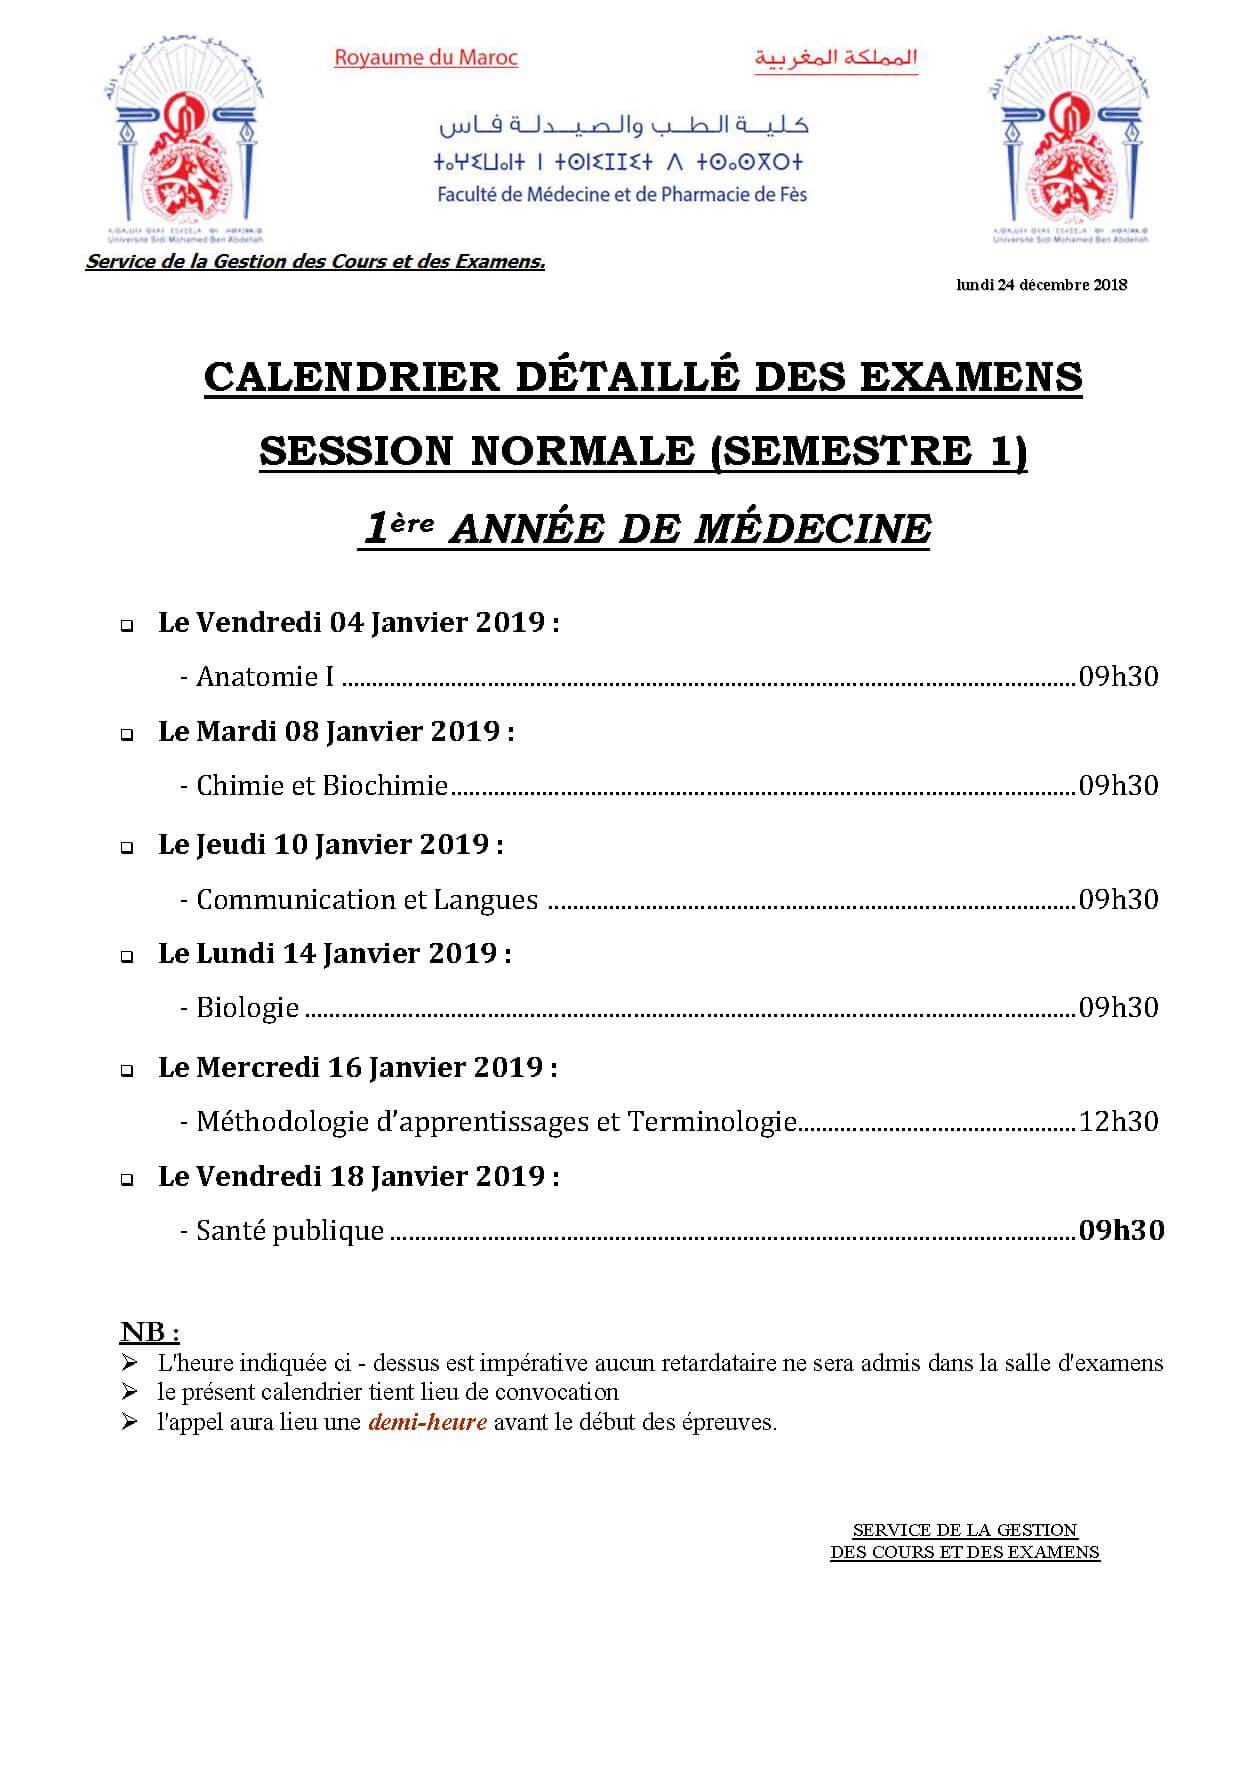 Calendrier Des Examens Sciences Po.Les Examens De La Session De La Session Normale 2018 2019